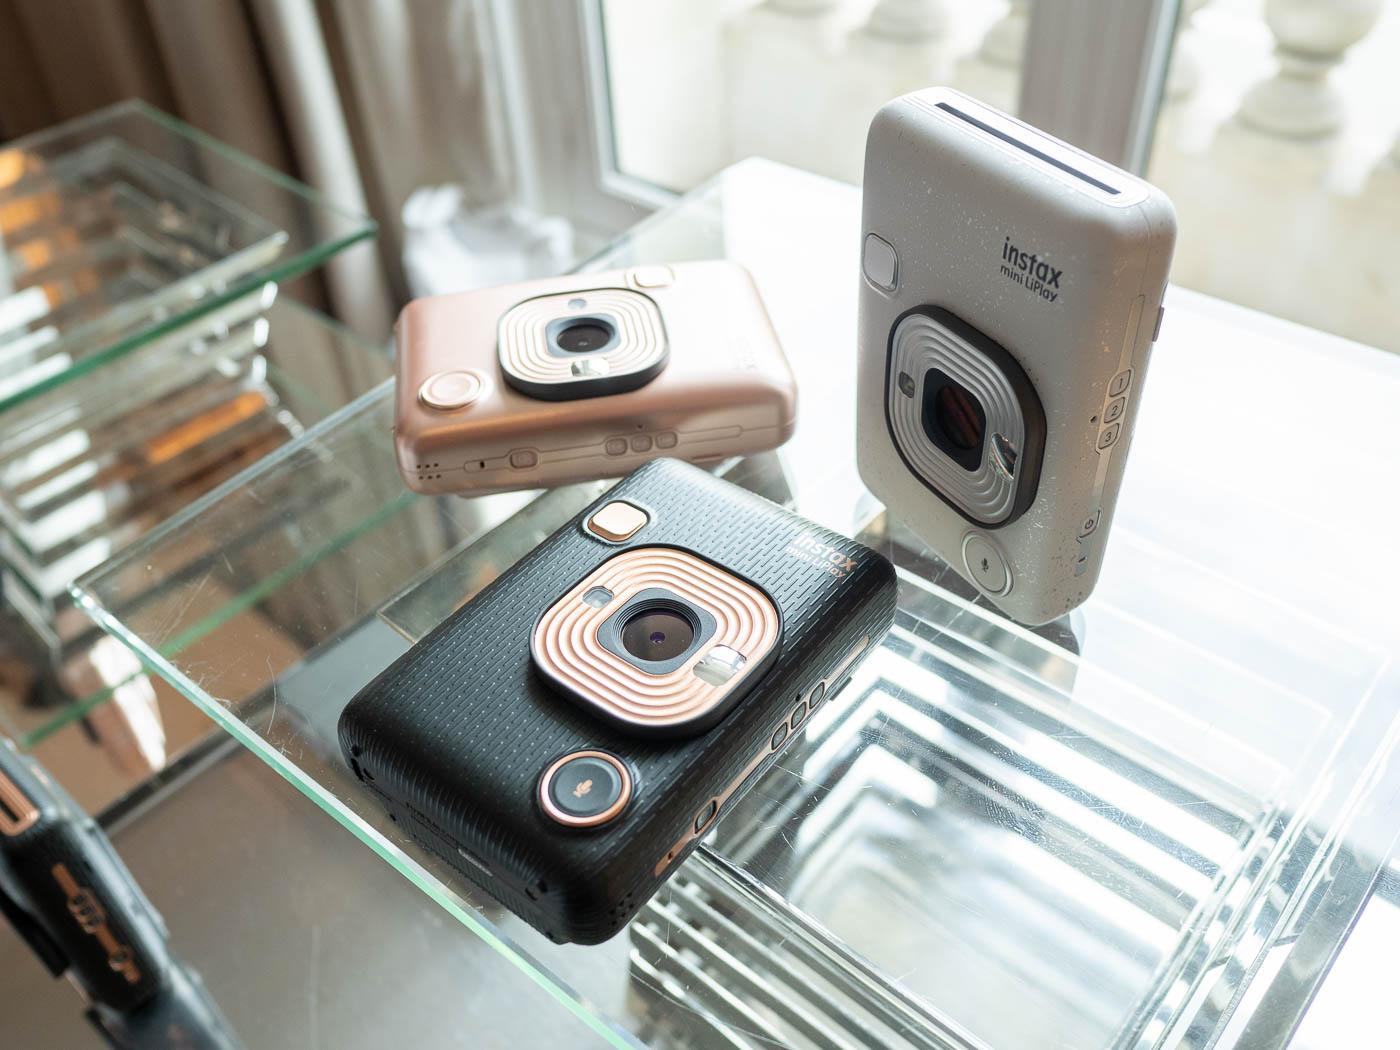 Prise en main de l'Instax Mini LiPlay : l'appareil photo et imprimante Instax Mini qui peut capturer le son